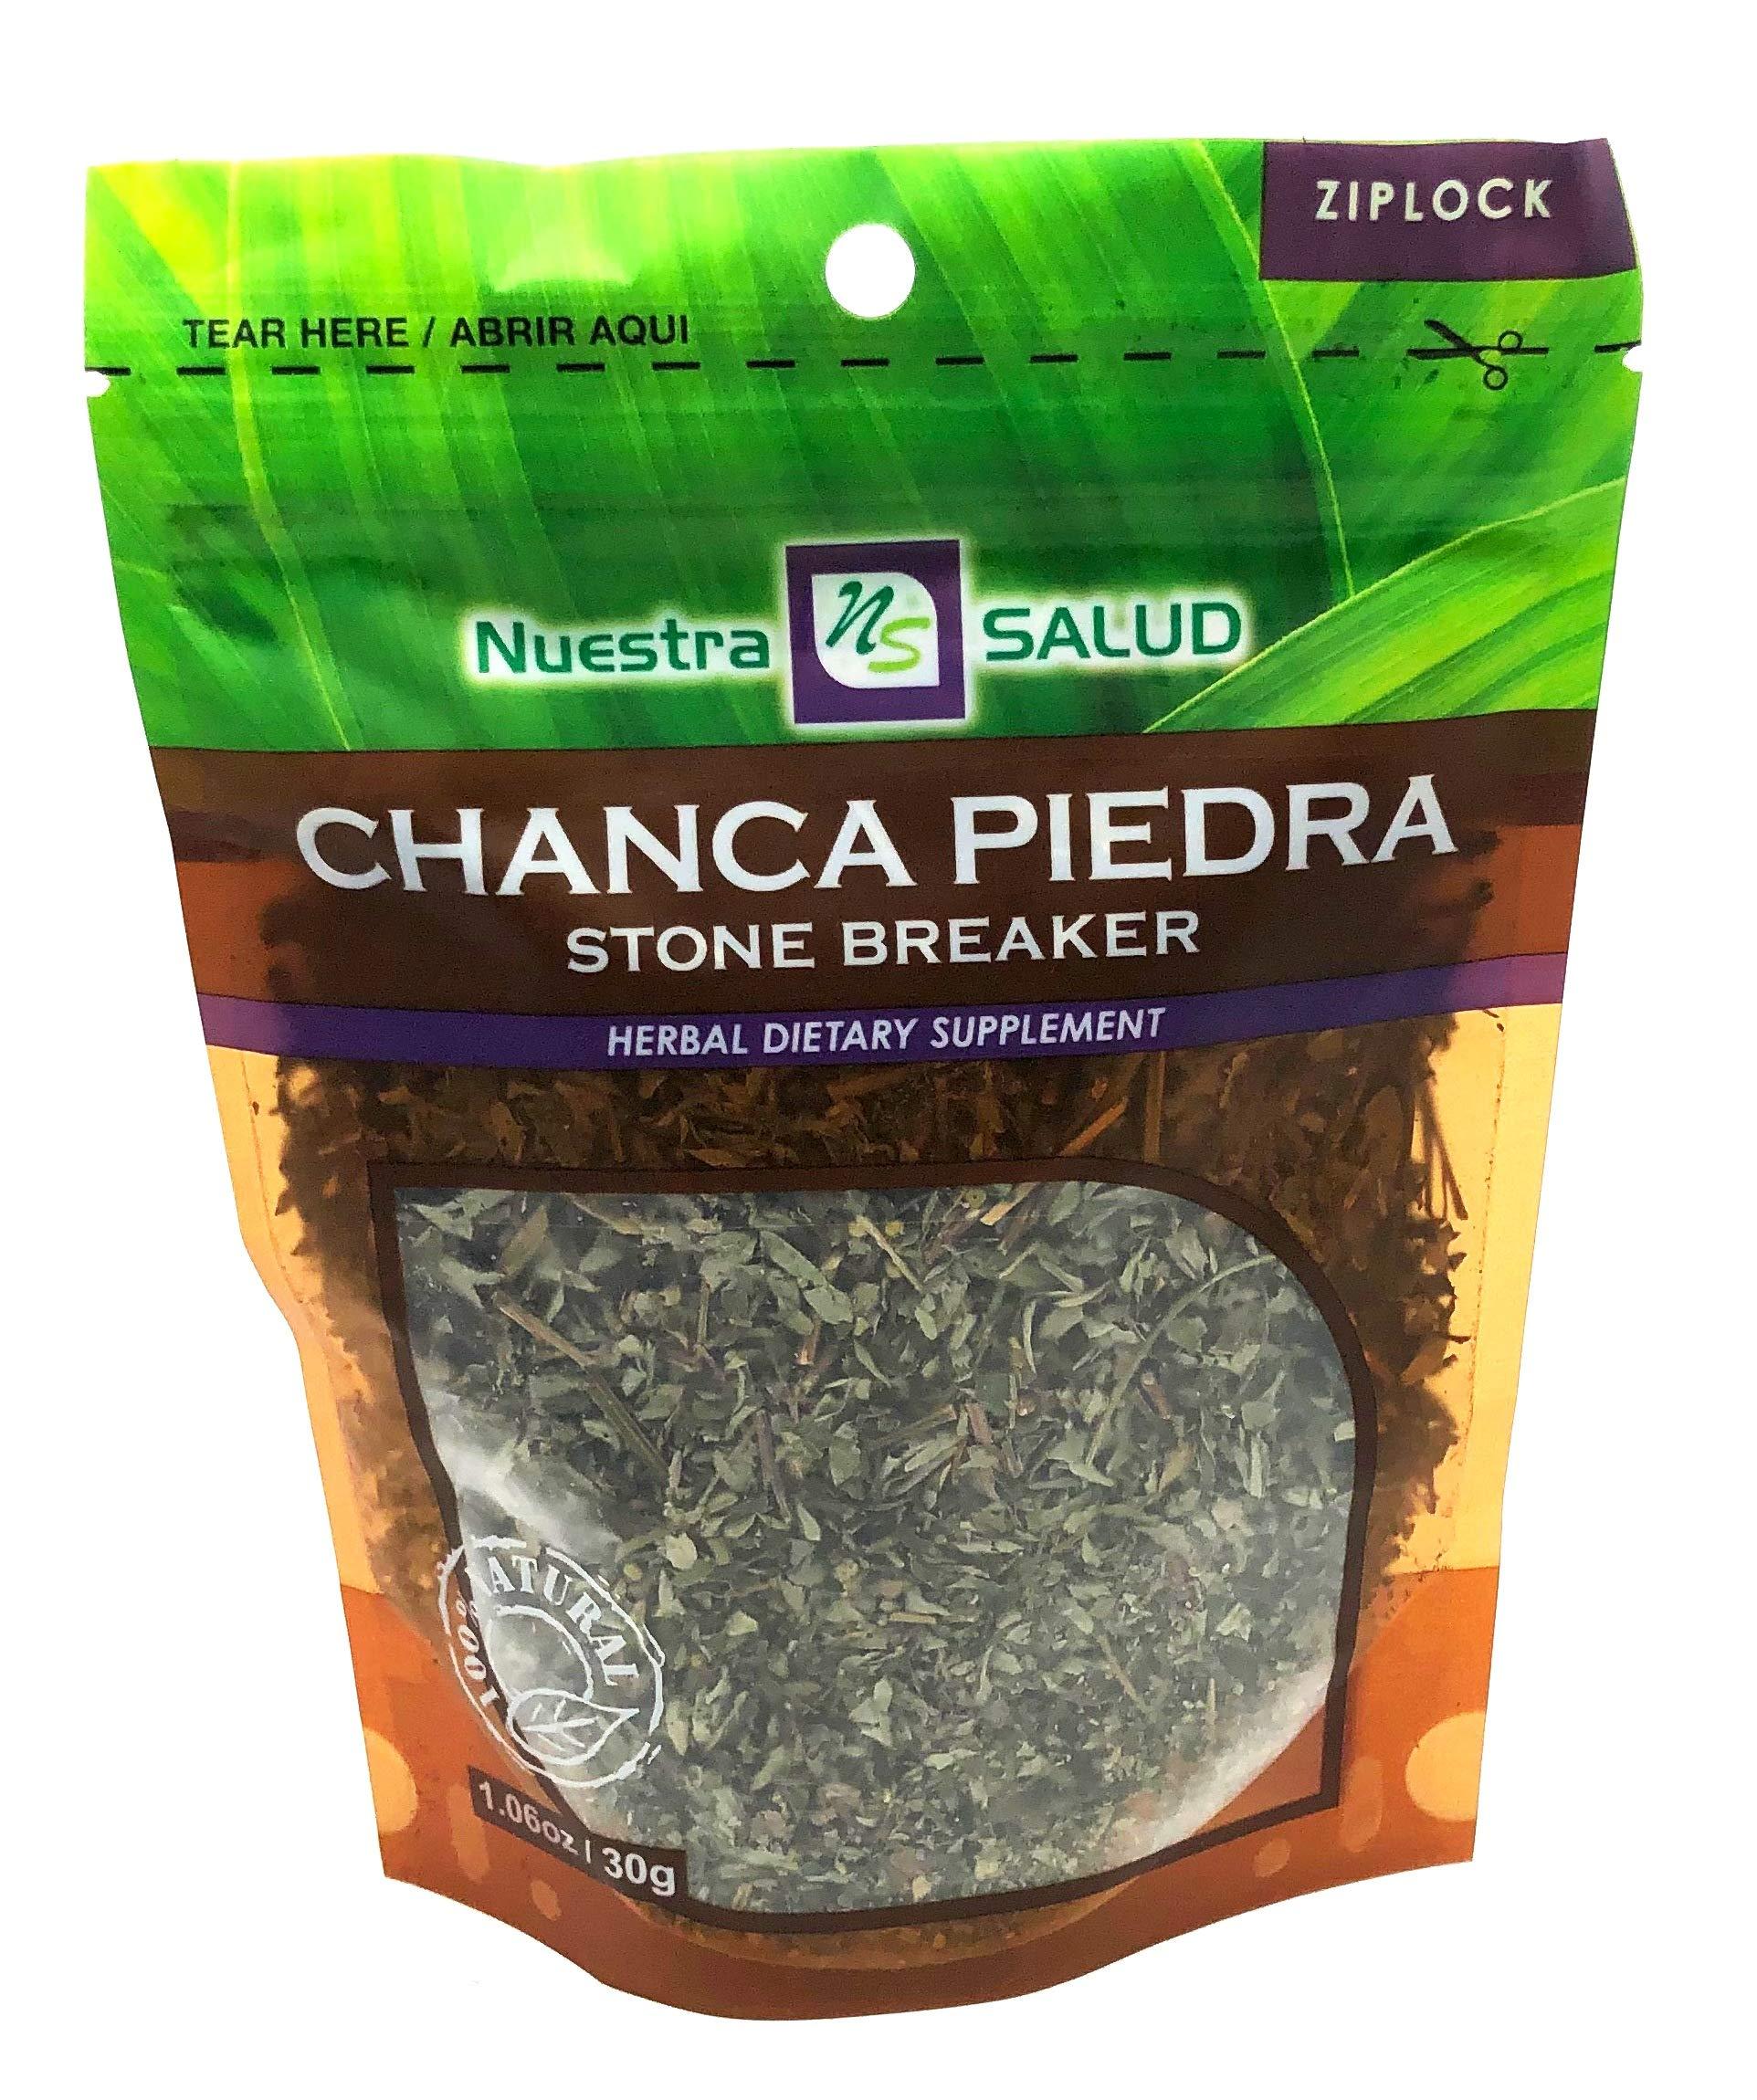 Chanca Piedra Tea Stone Breaker Zip-lock bag